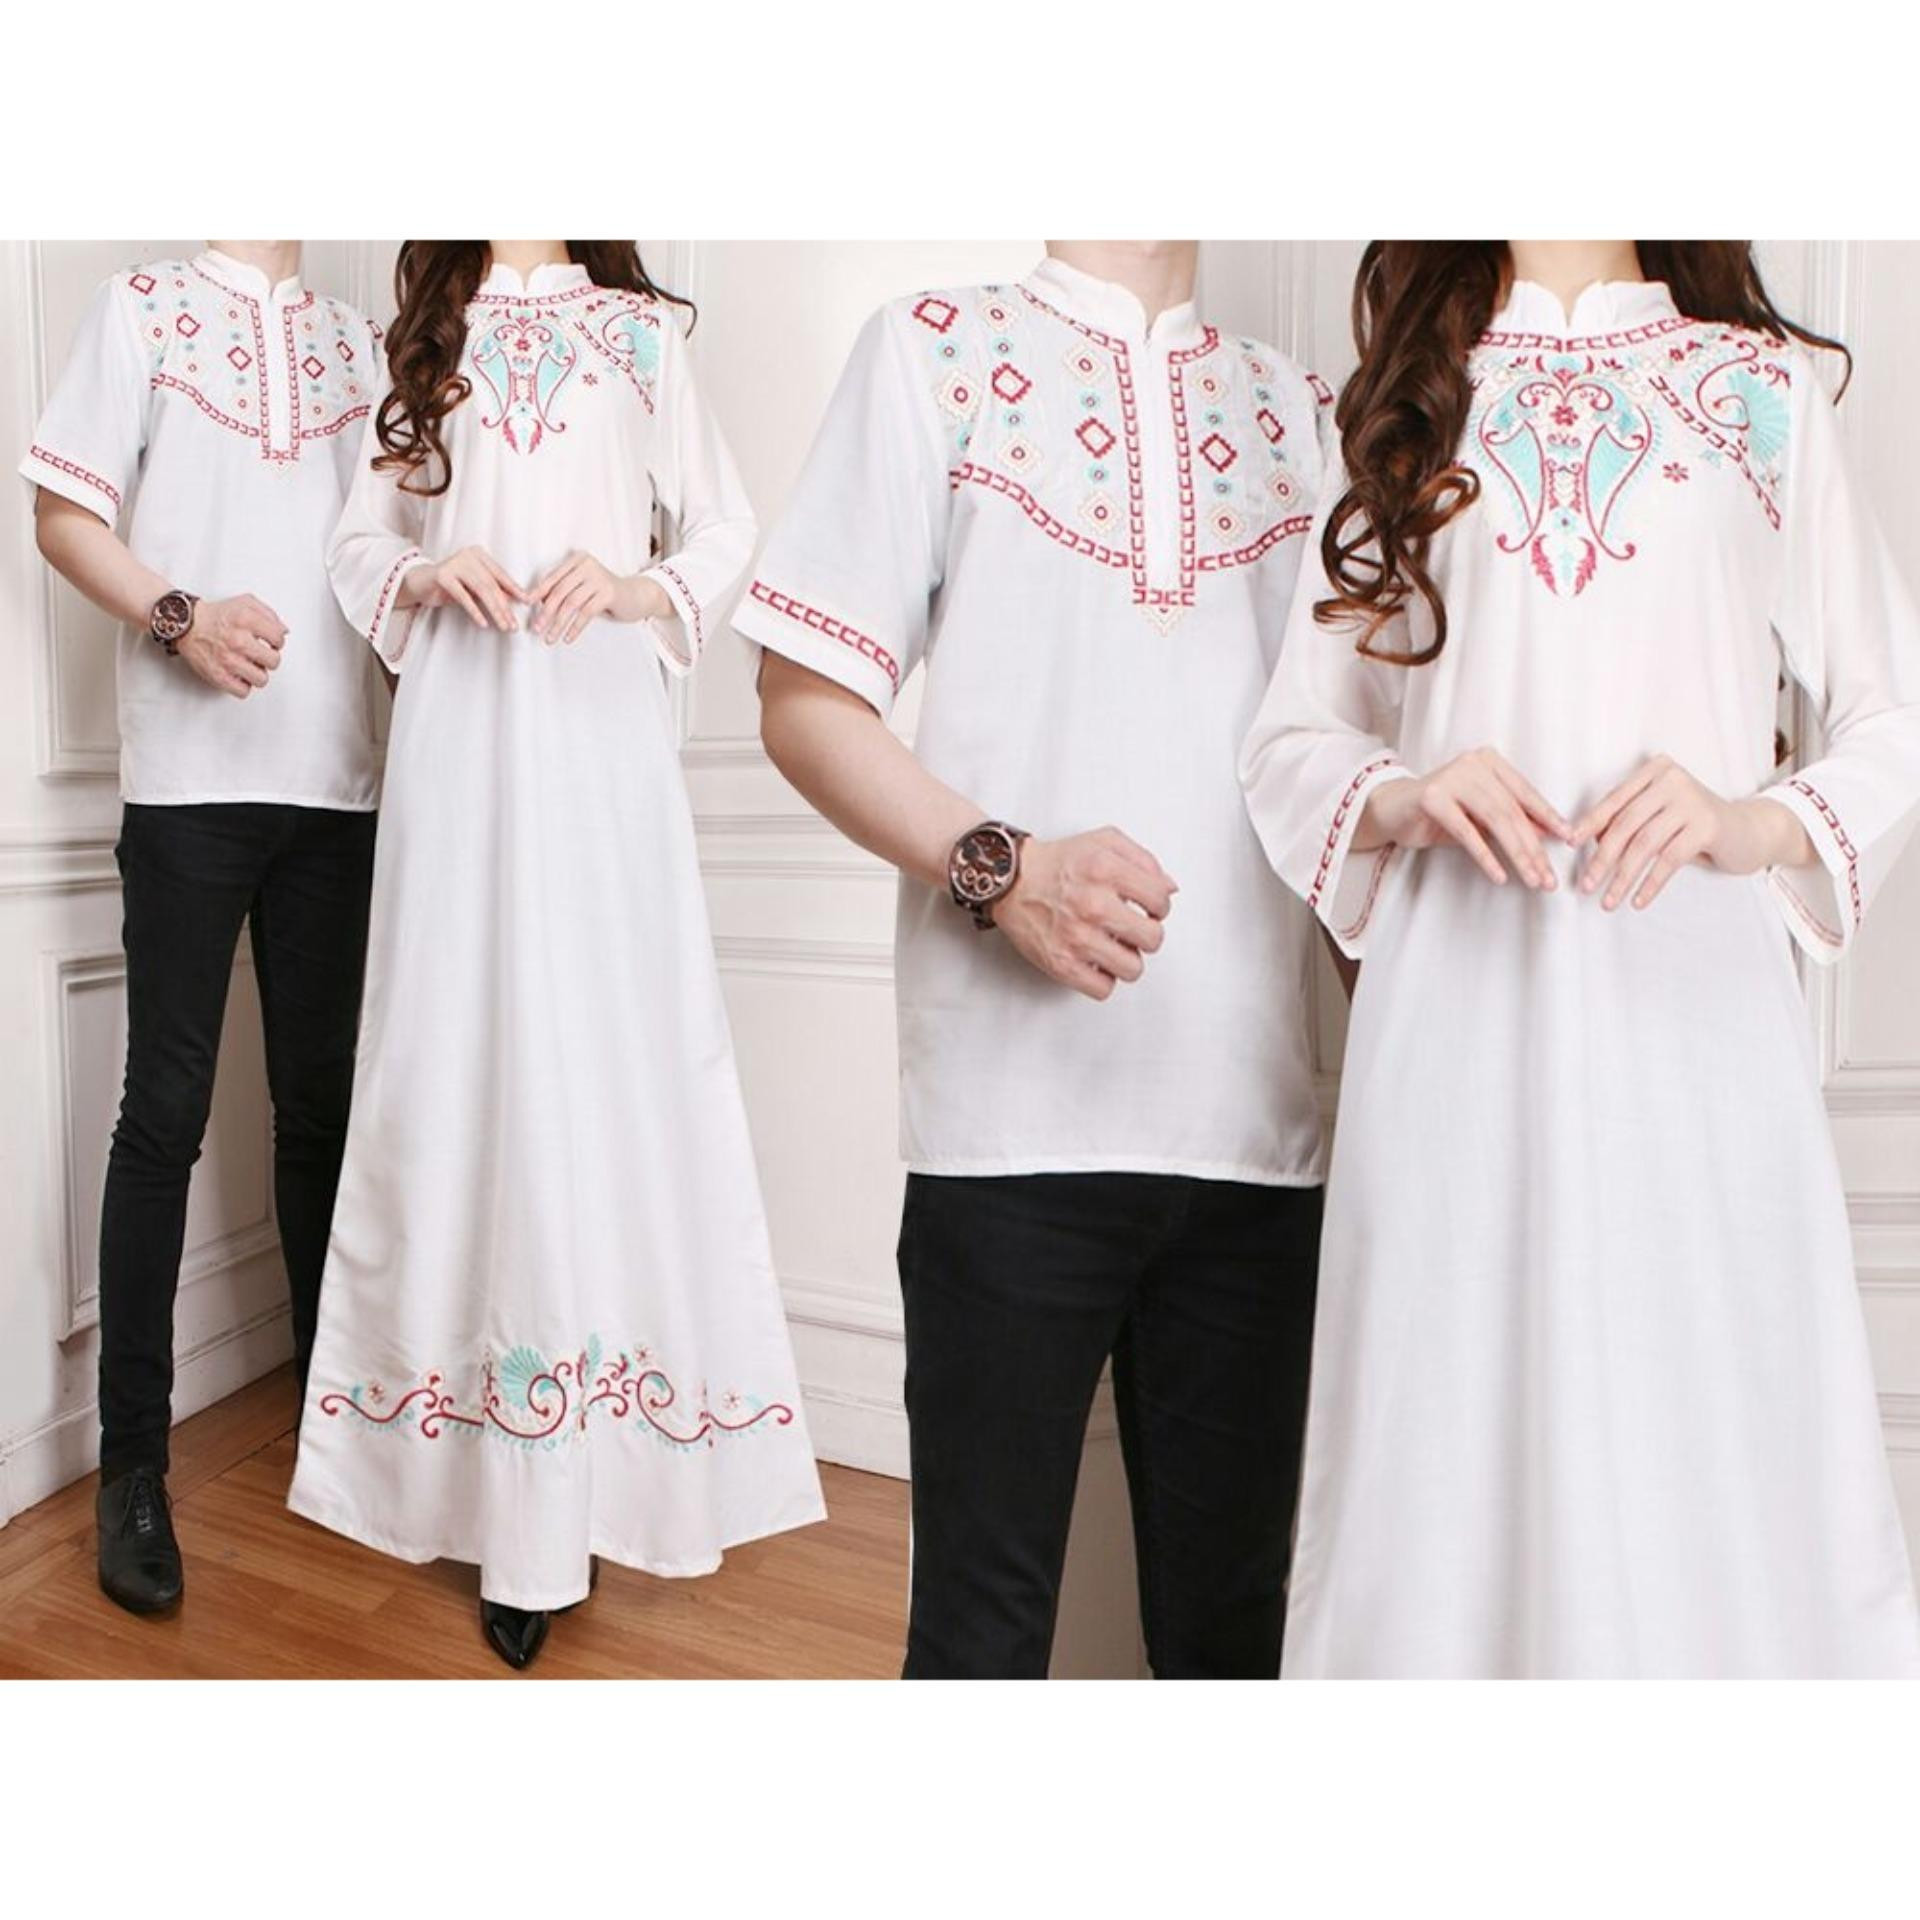 Flavia Store Baju Muslim Couple Bordir FS0627 - PUTIH / Sarimbit / Batik Pasangan / Sepasang Busana Syar'i / Kemeja Koko Pria Gaun Muslimah Gamis Syari Wanita / Srshakinah